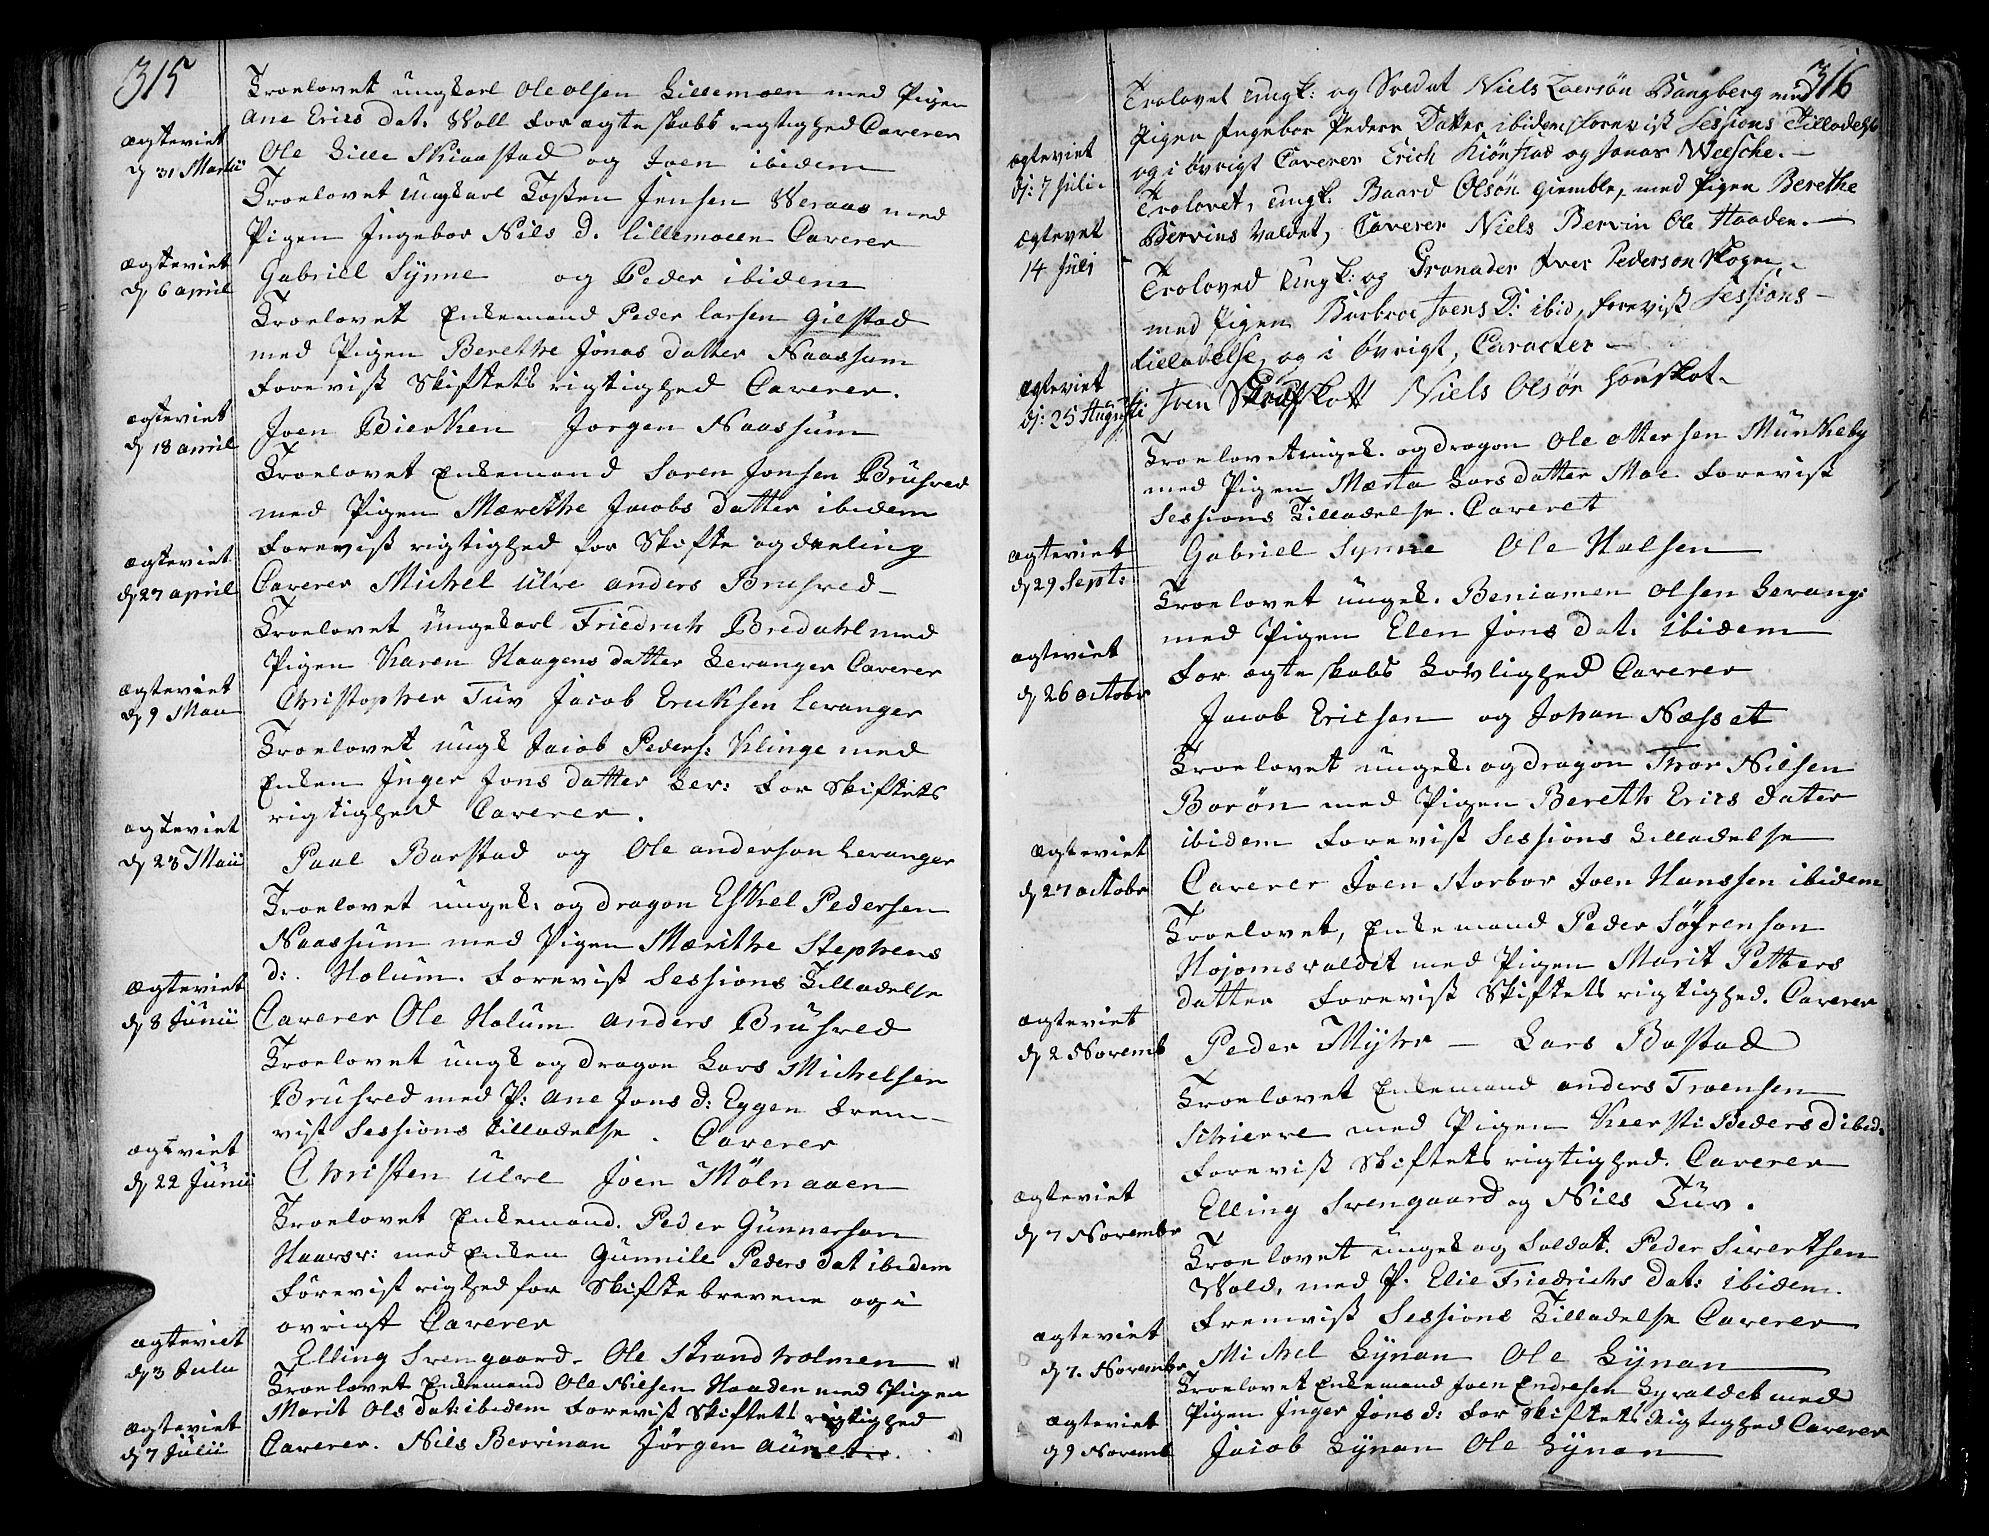 SAT, Ministerialprotokoller, klokkerbøker og fødselsregistre - Nord-Trøndelag, 717/L0141: Ministerialbok nr. 717A01, 1747-1803, s. 315-316